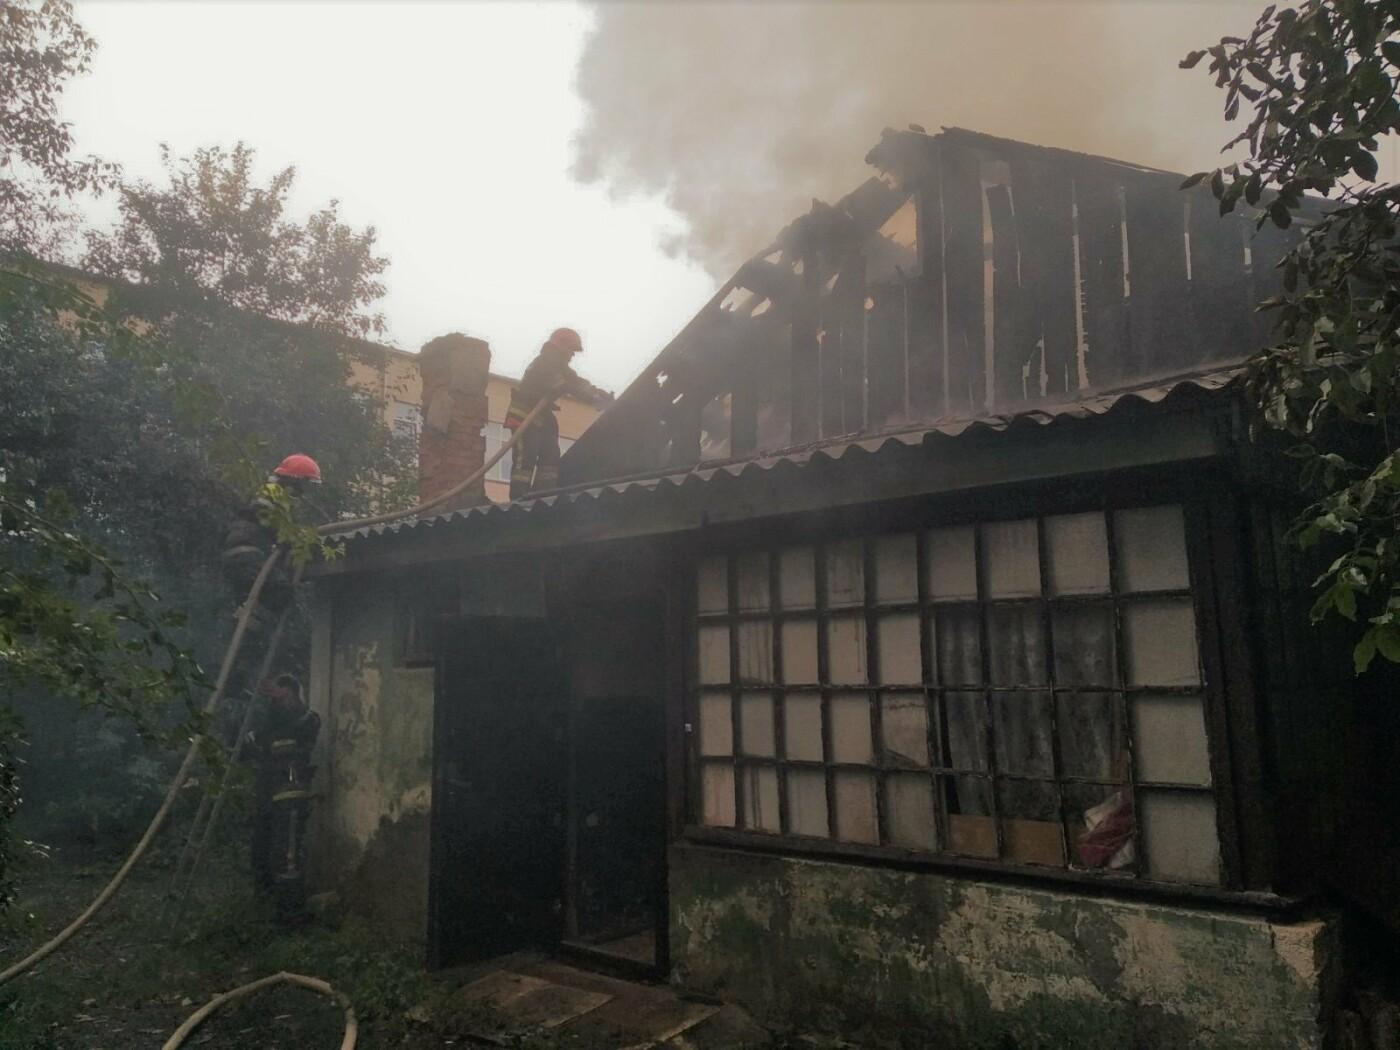 У Кам'янці-Подільському ліквідовували пожежу в приватному секторі, фото-3, Фото: ГУ ДСНС України у Хмельницькій області